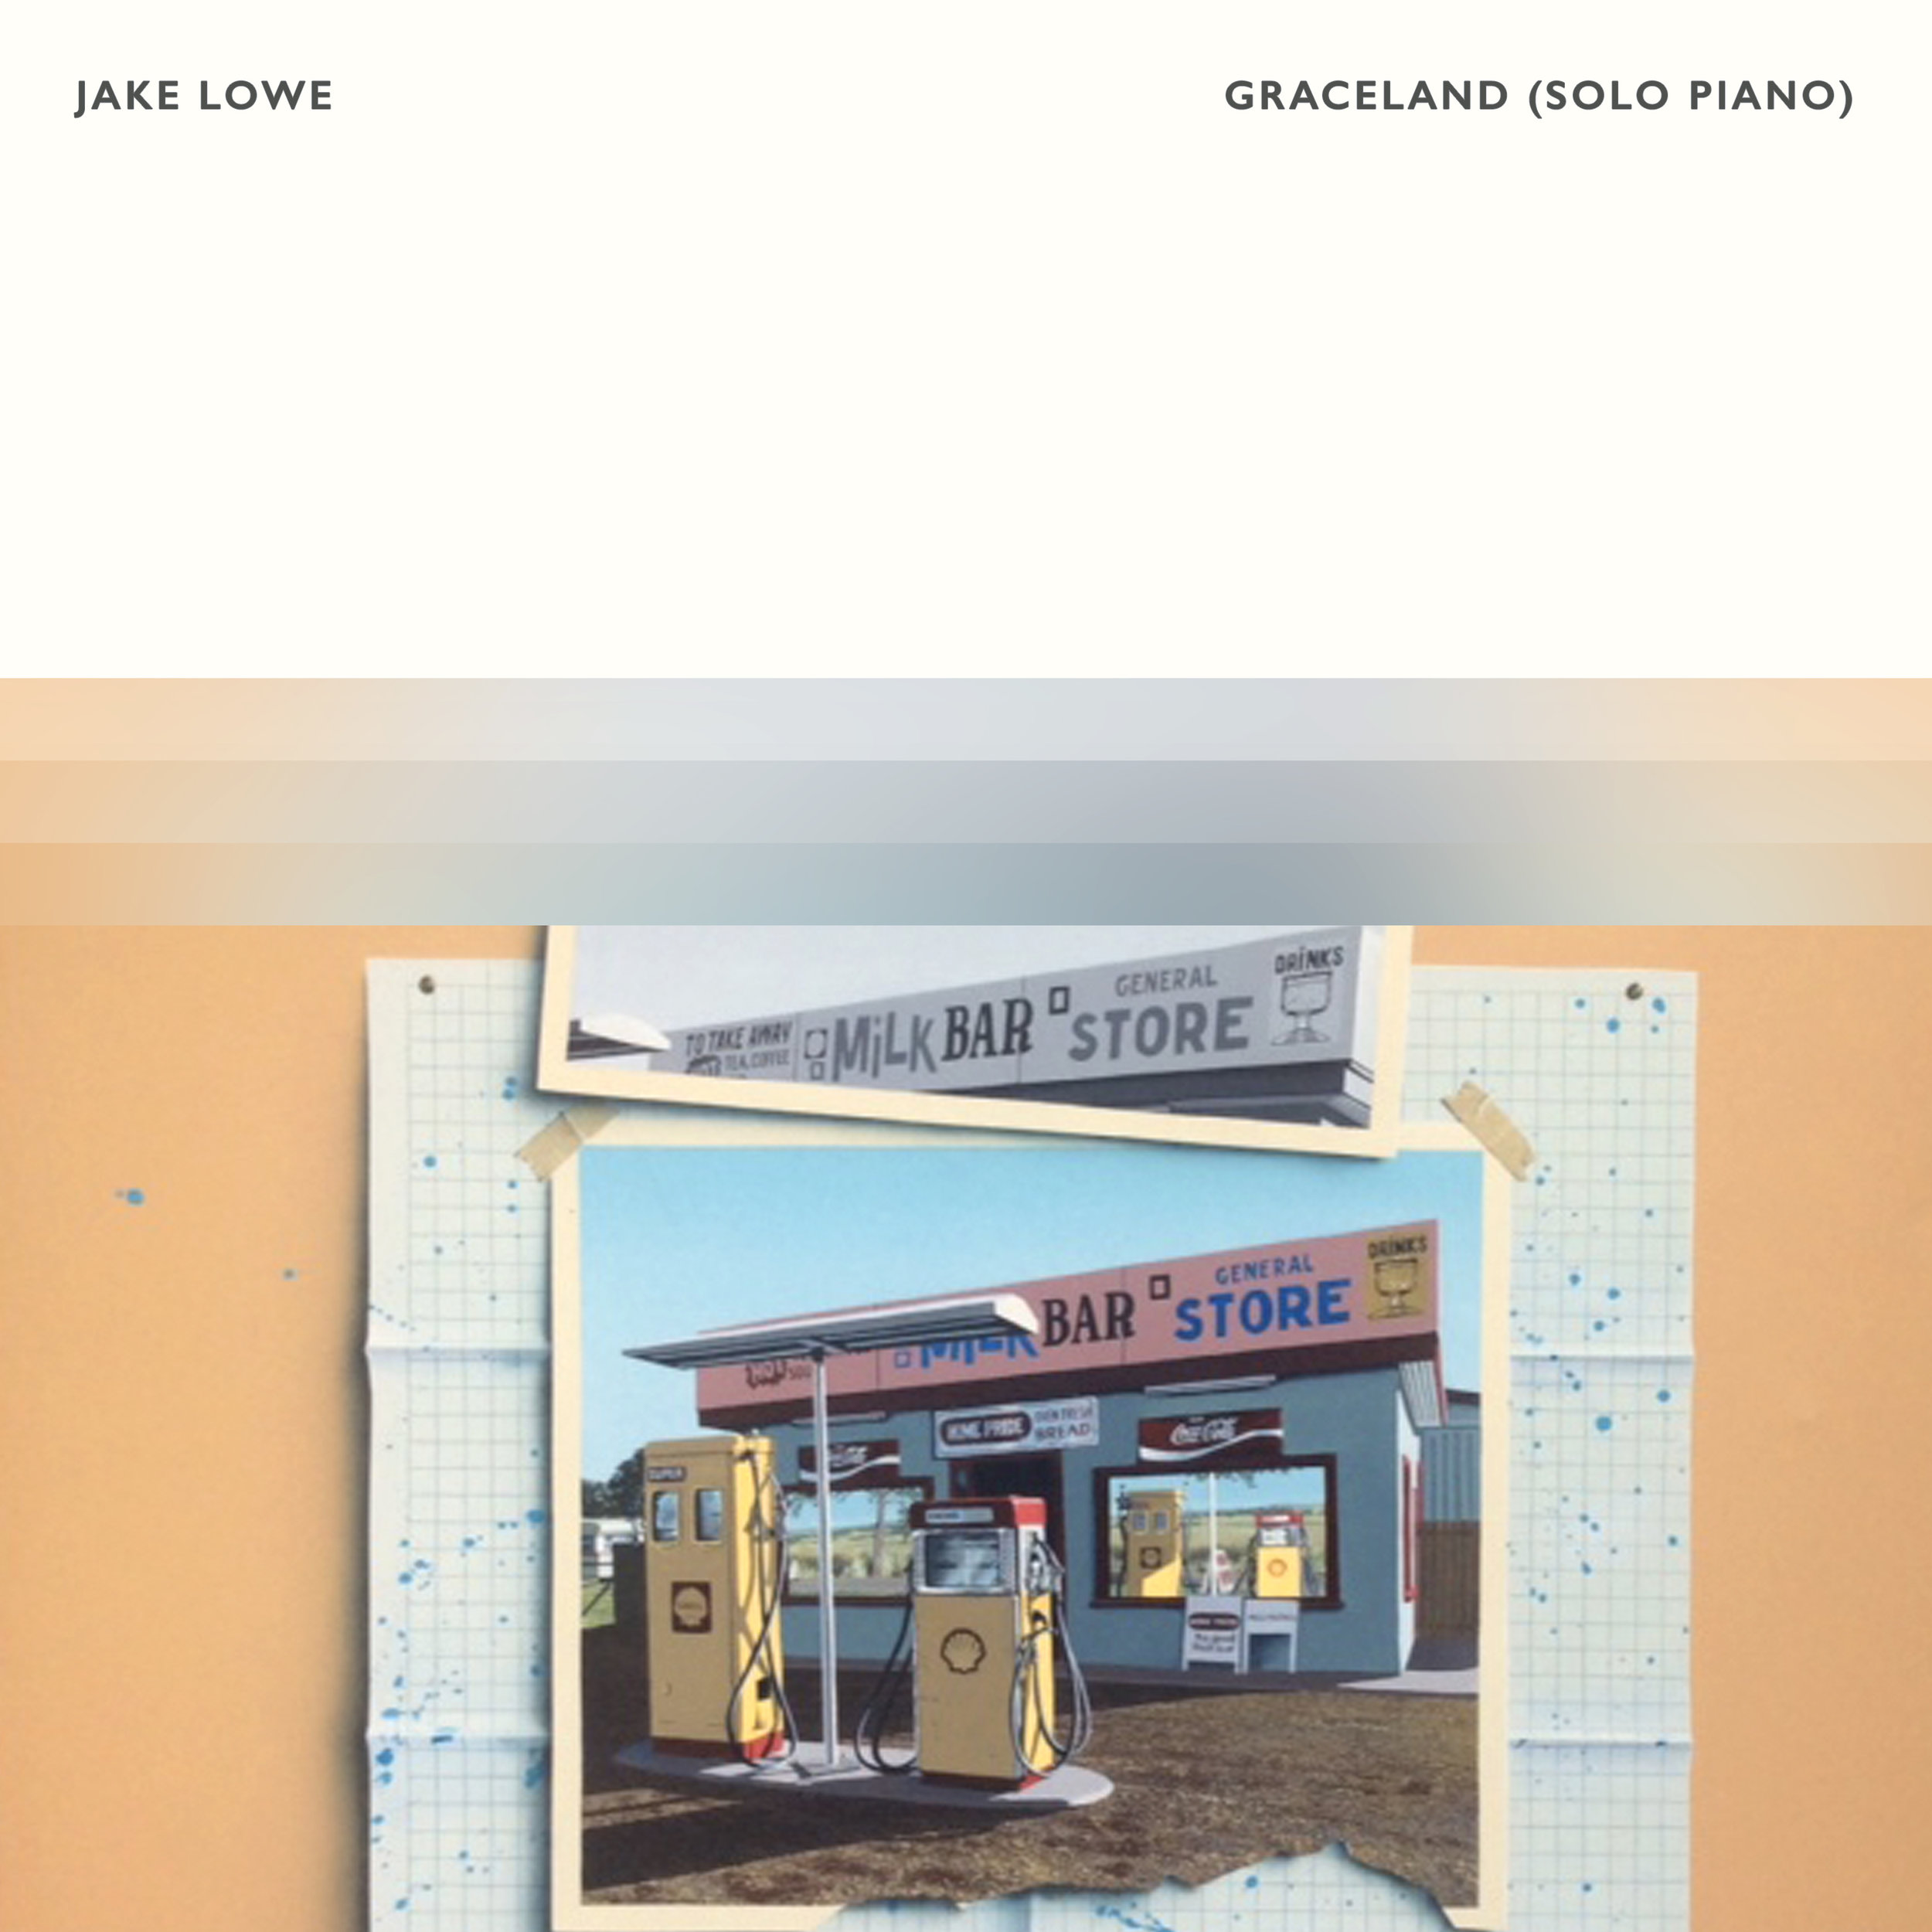 Jake Lowe - Graceland (Solo Piano)